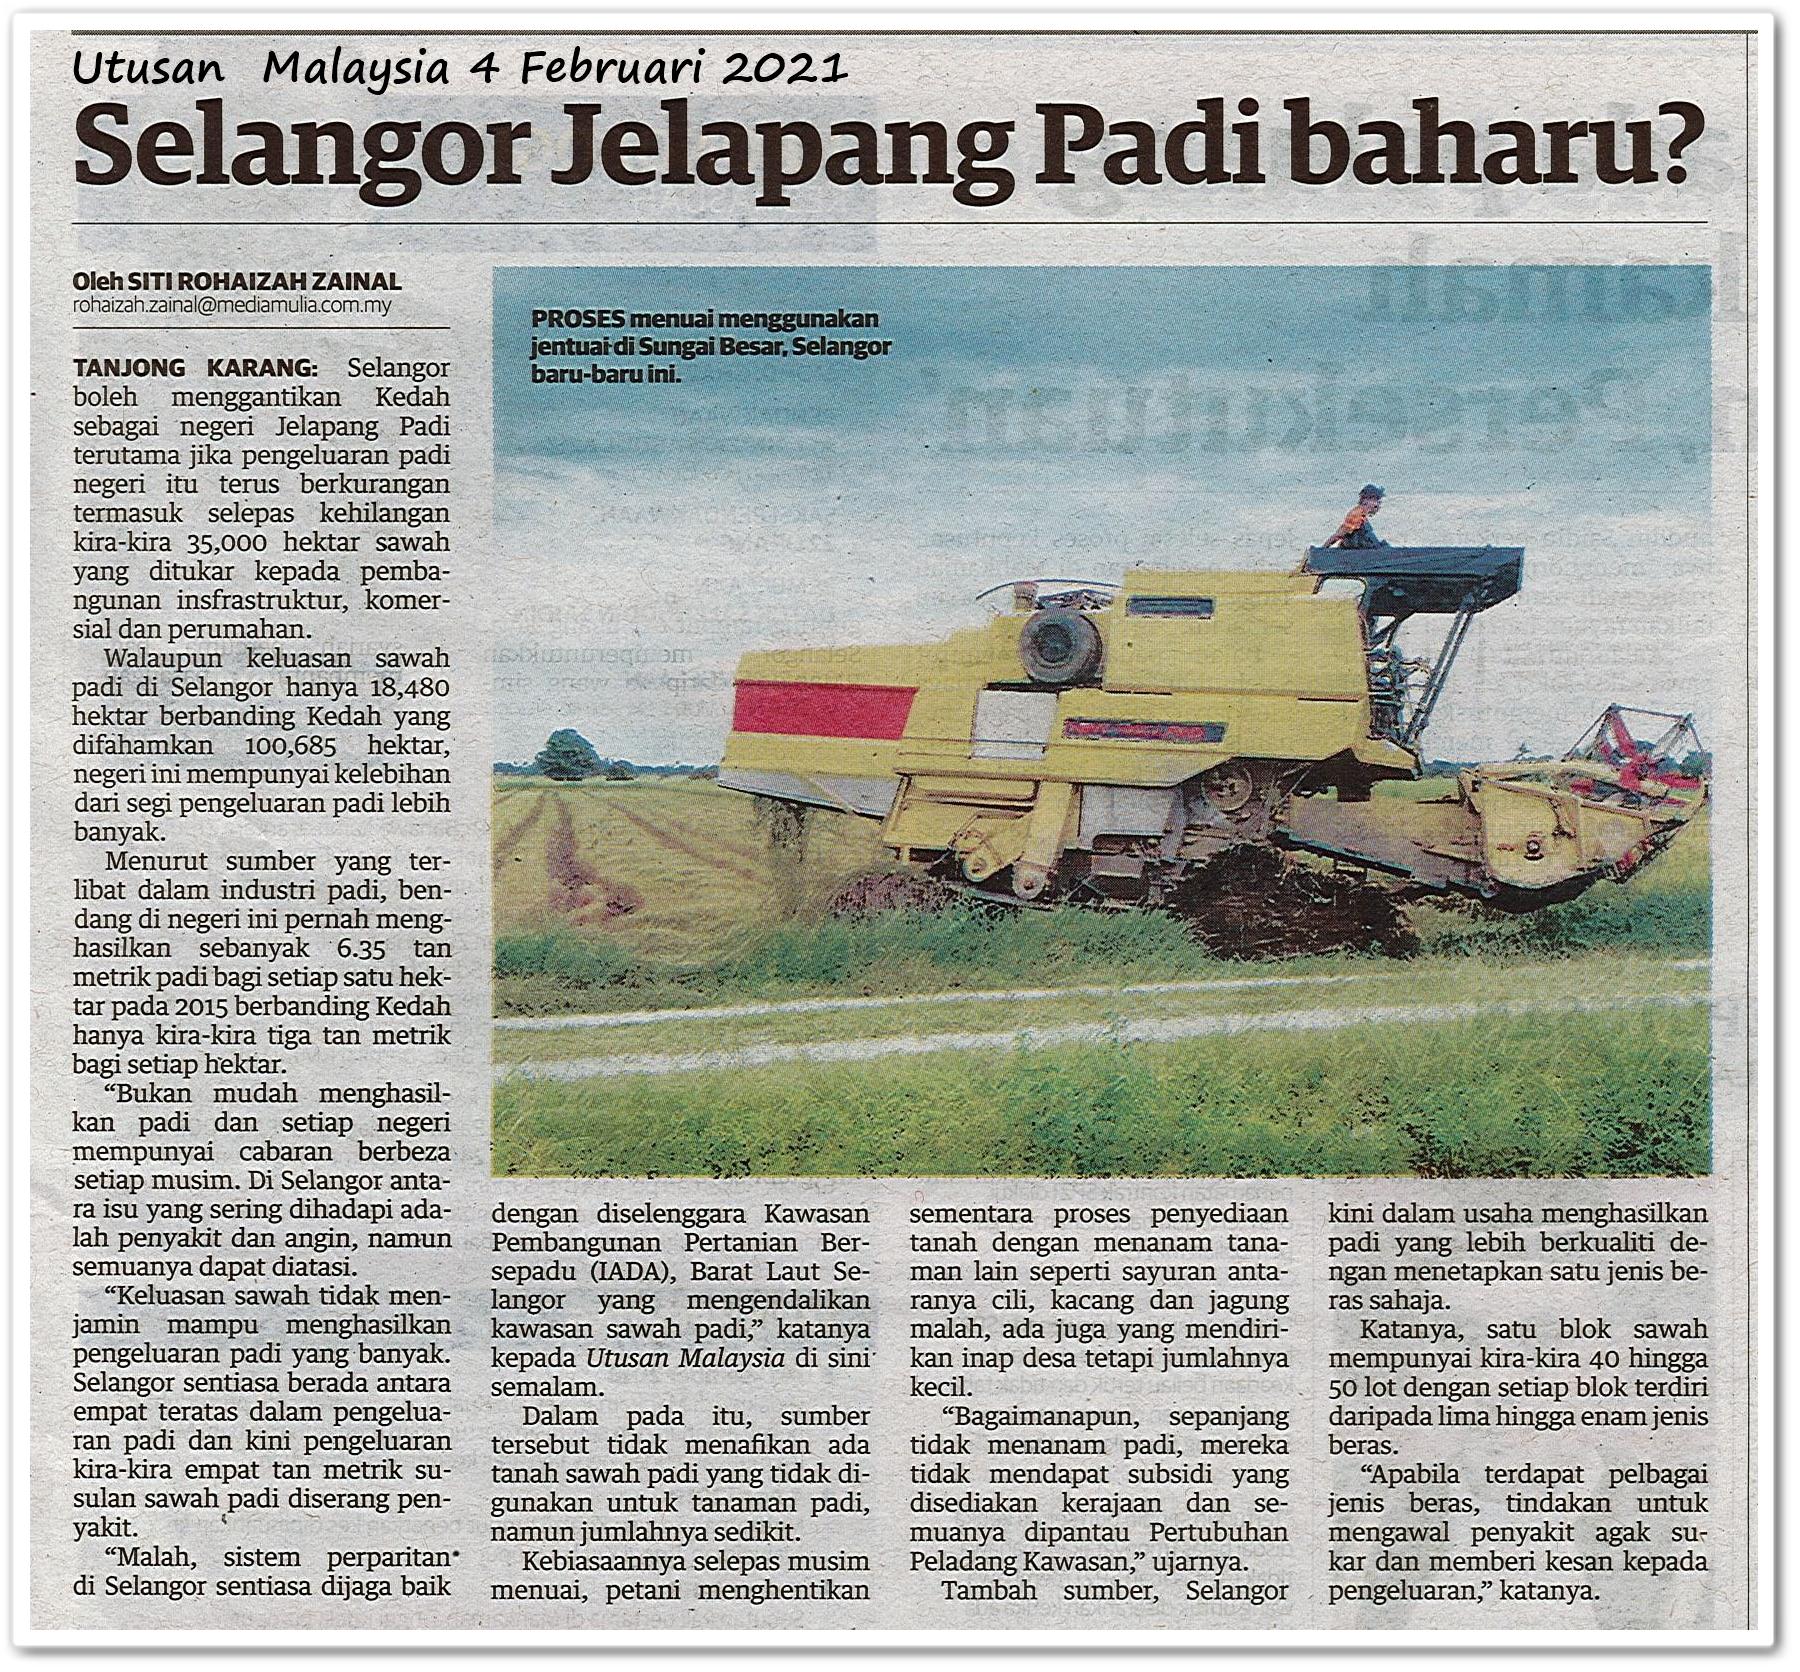 Selangor Jelapang Padi baharu? - Keratan akhbar Utusan Malaysia 4 Februari 2021